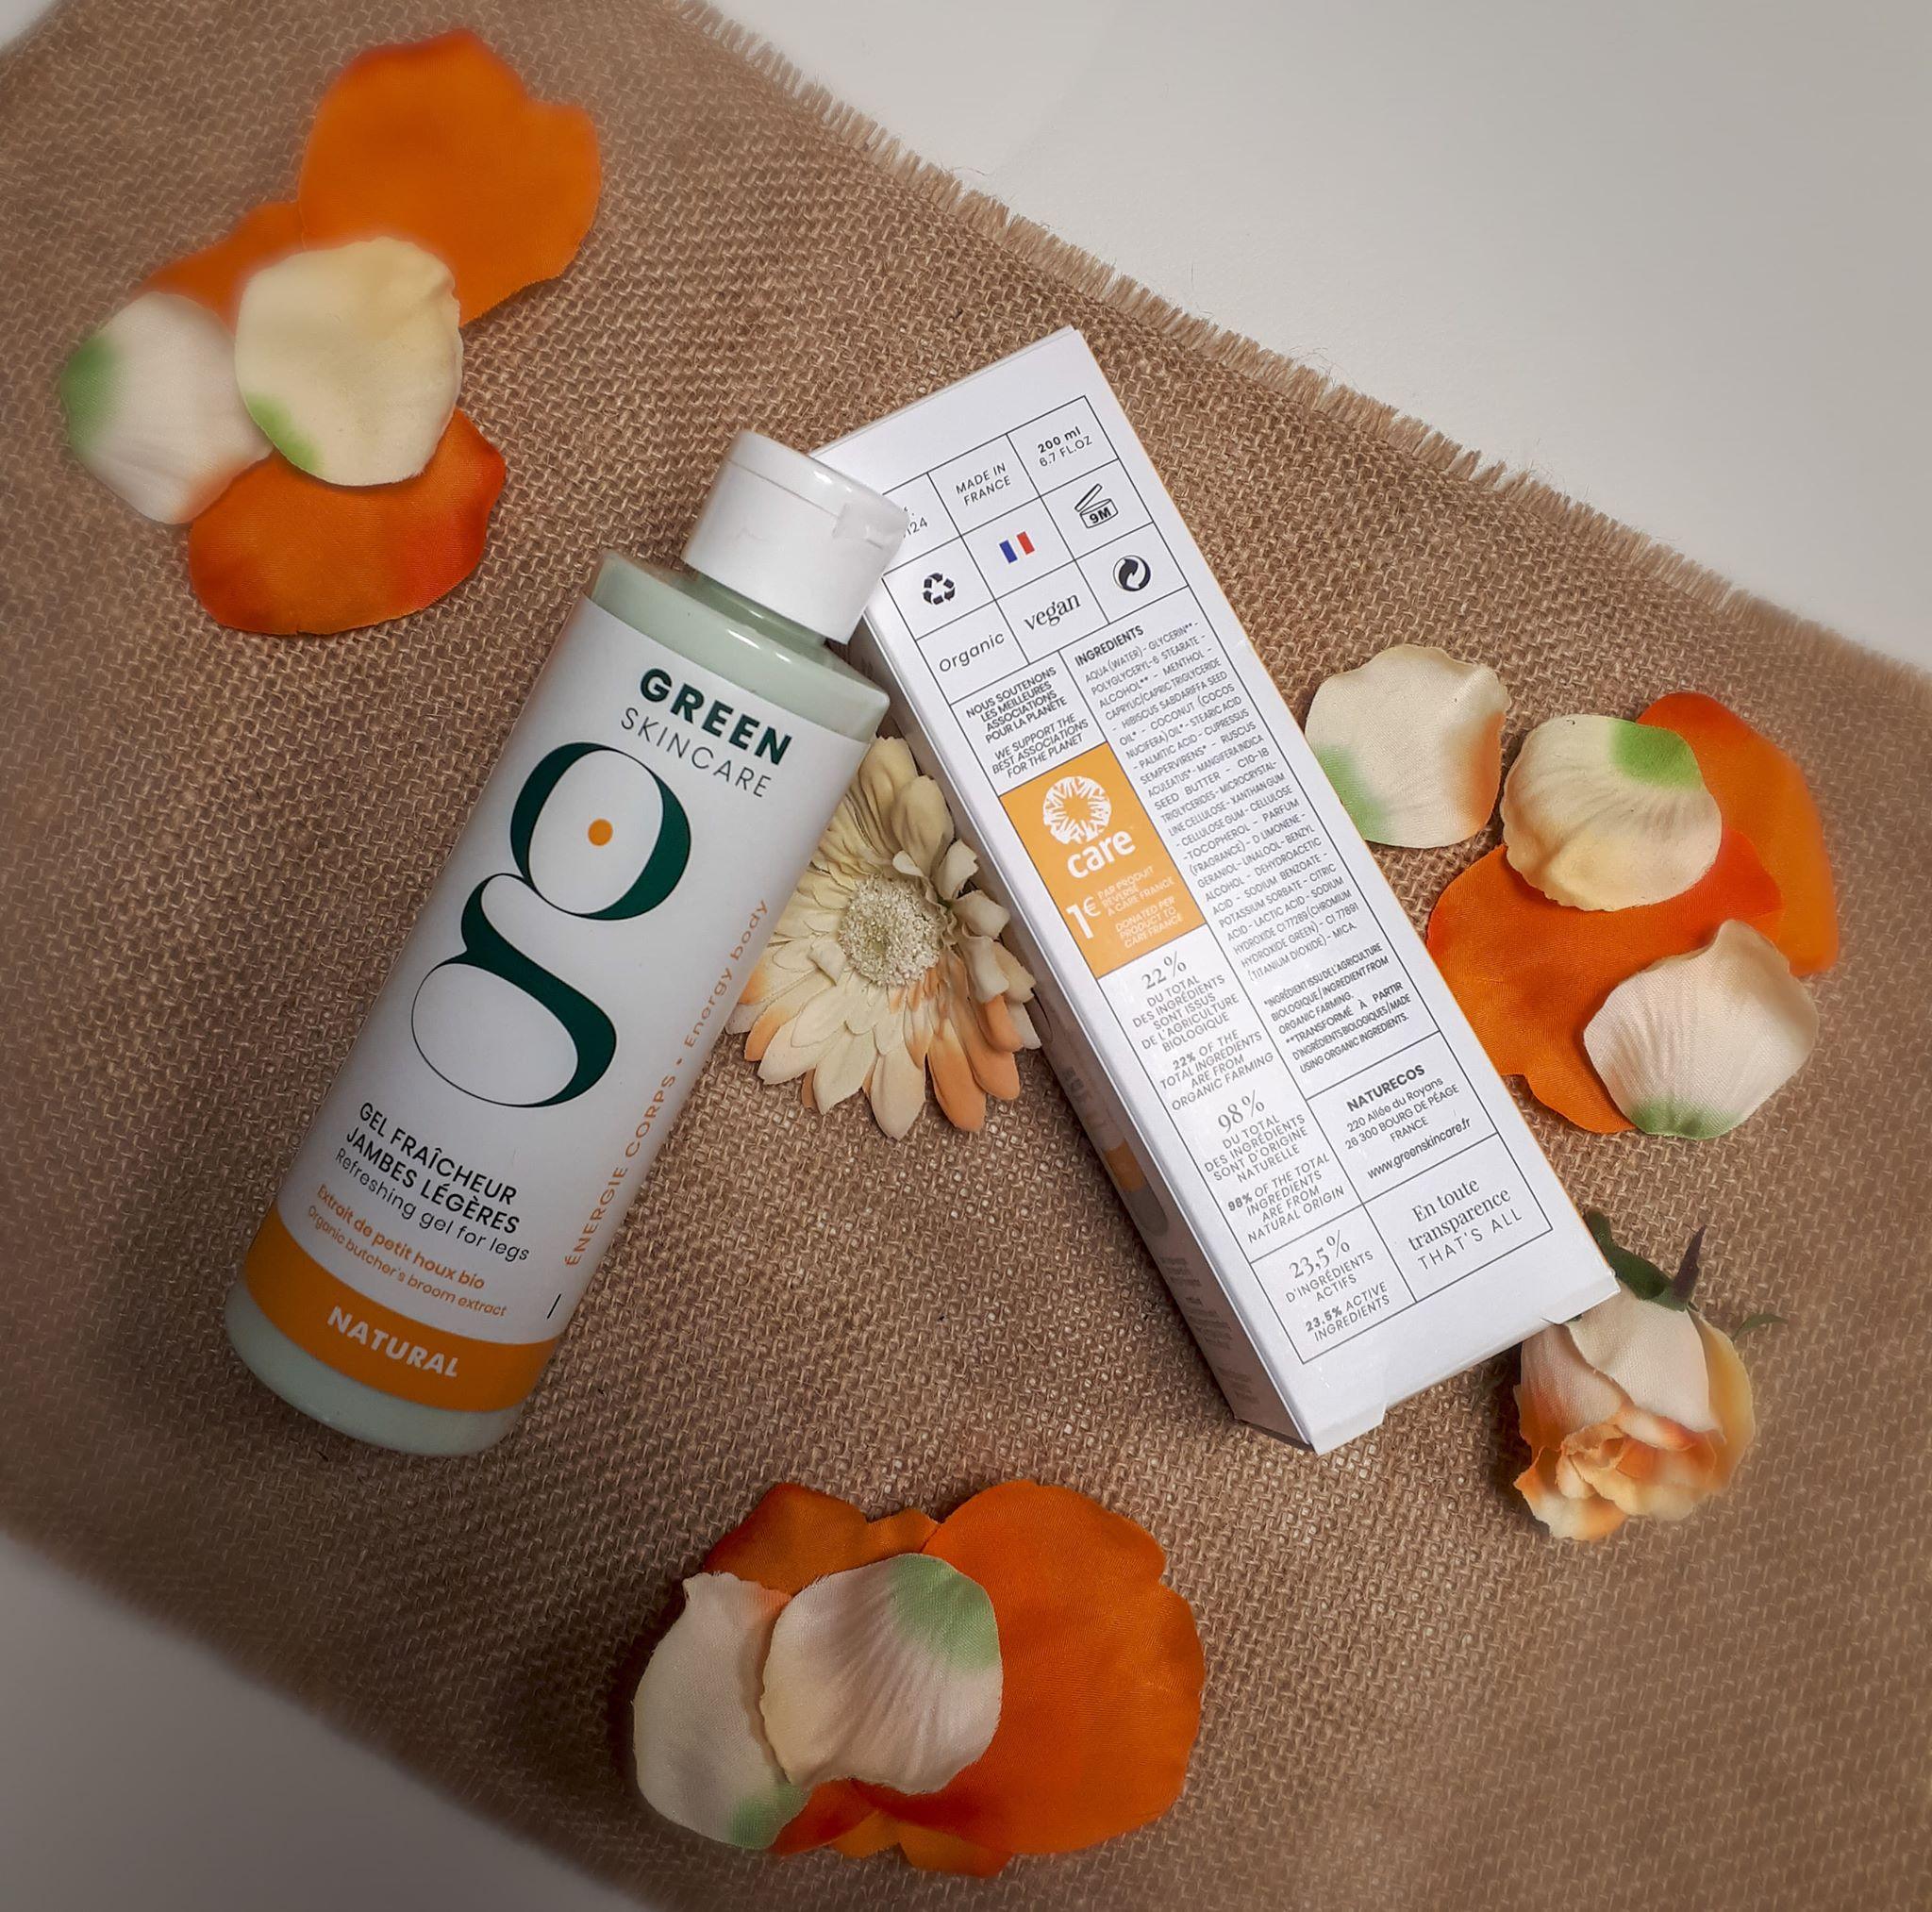 Produit gel fraîcheur james légères marque bio Green Skincare, Institut de beauté Emeline Esthétique 85 La Verrie